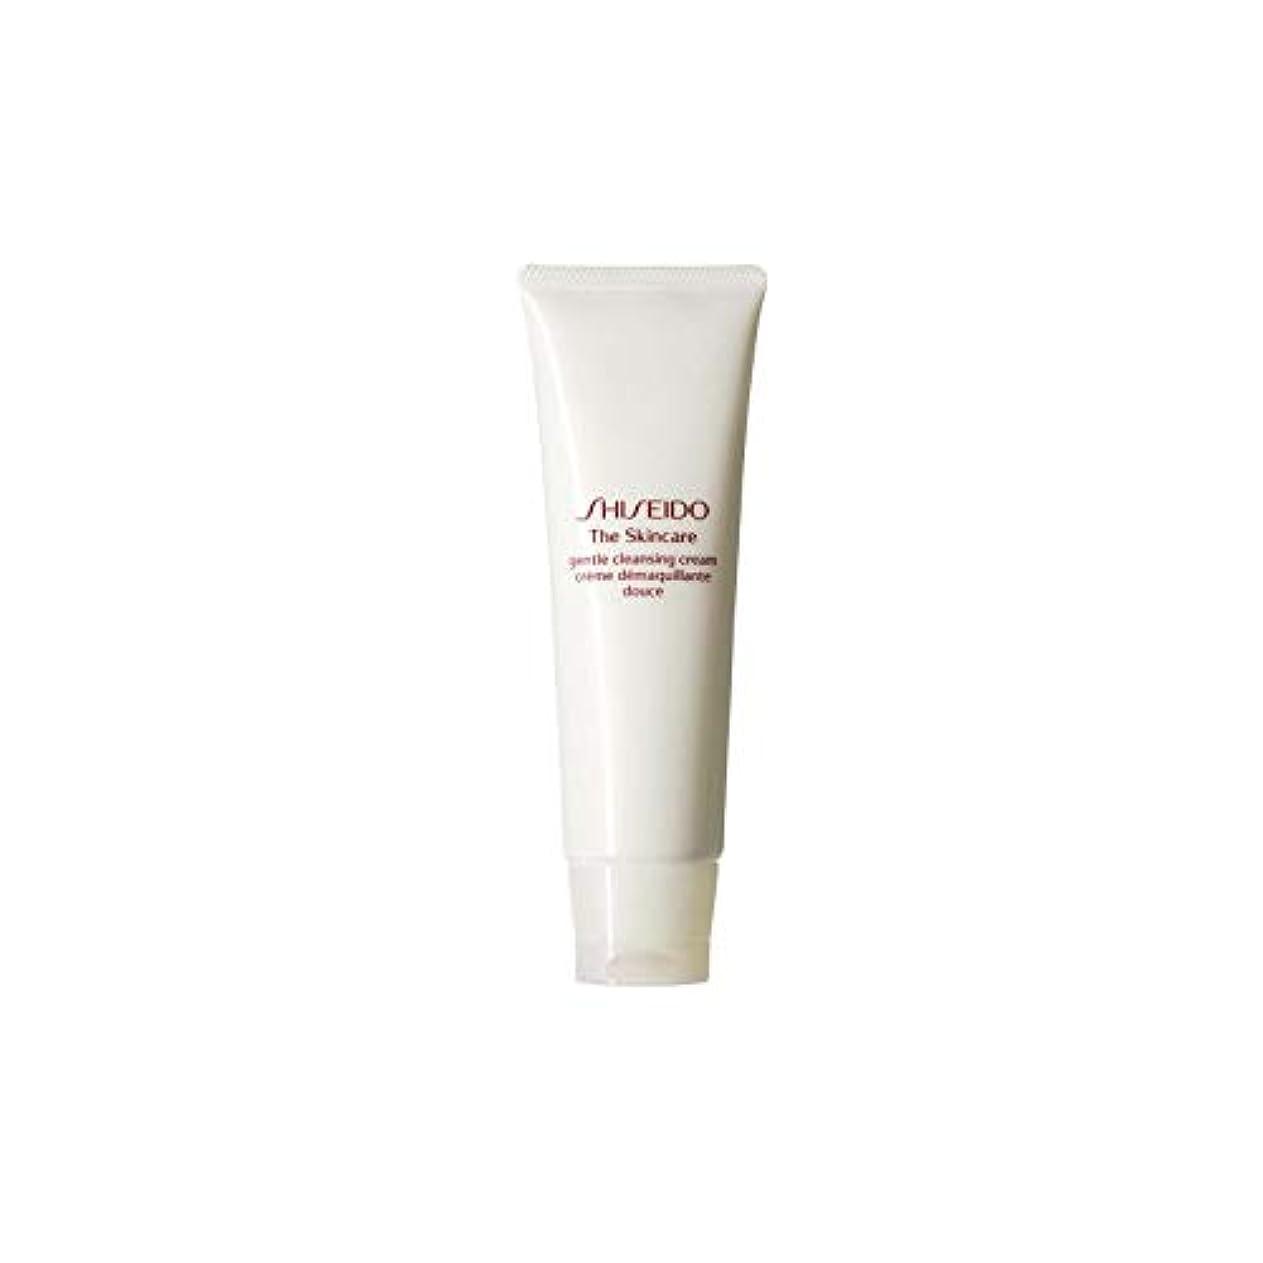 立法厚さ摂動[Shiseido ] 資生堂スキンケアの必需品ジェントルクレンジングクリーム(125ミリリットル) - Shiseido The Skincare Essentials Gentle Cleansing Cream (...